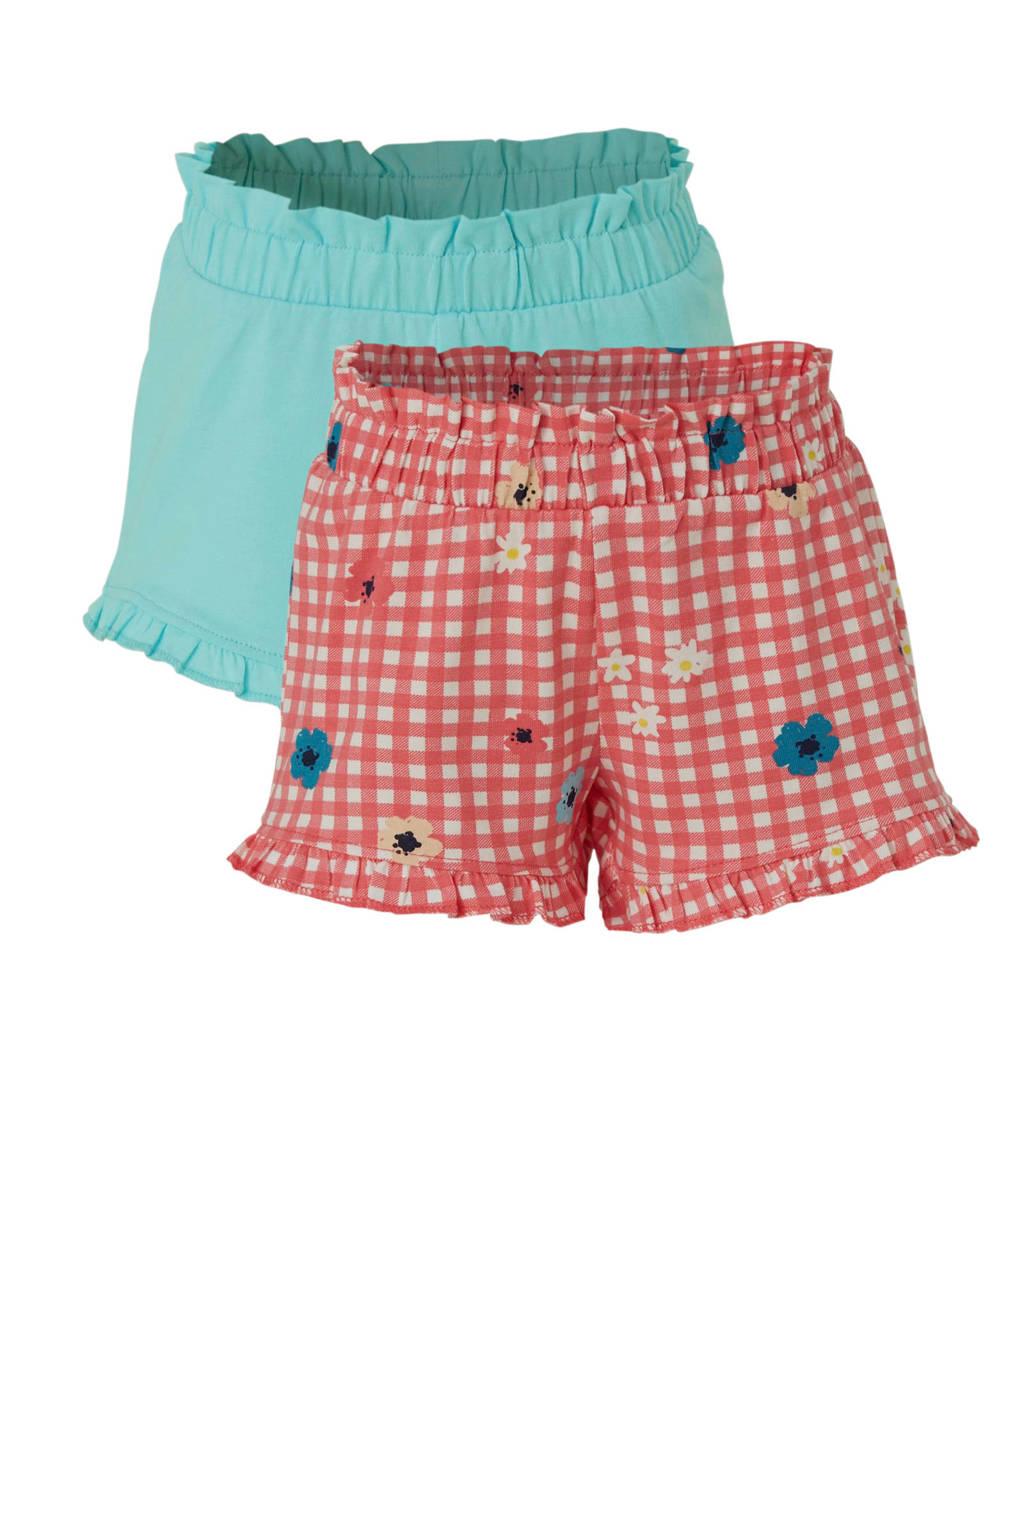 C&A Palomino geruite sweatshort roze/lichtblauw, Roze/lichtblauw